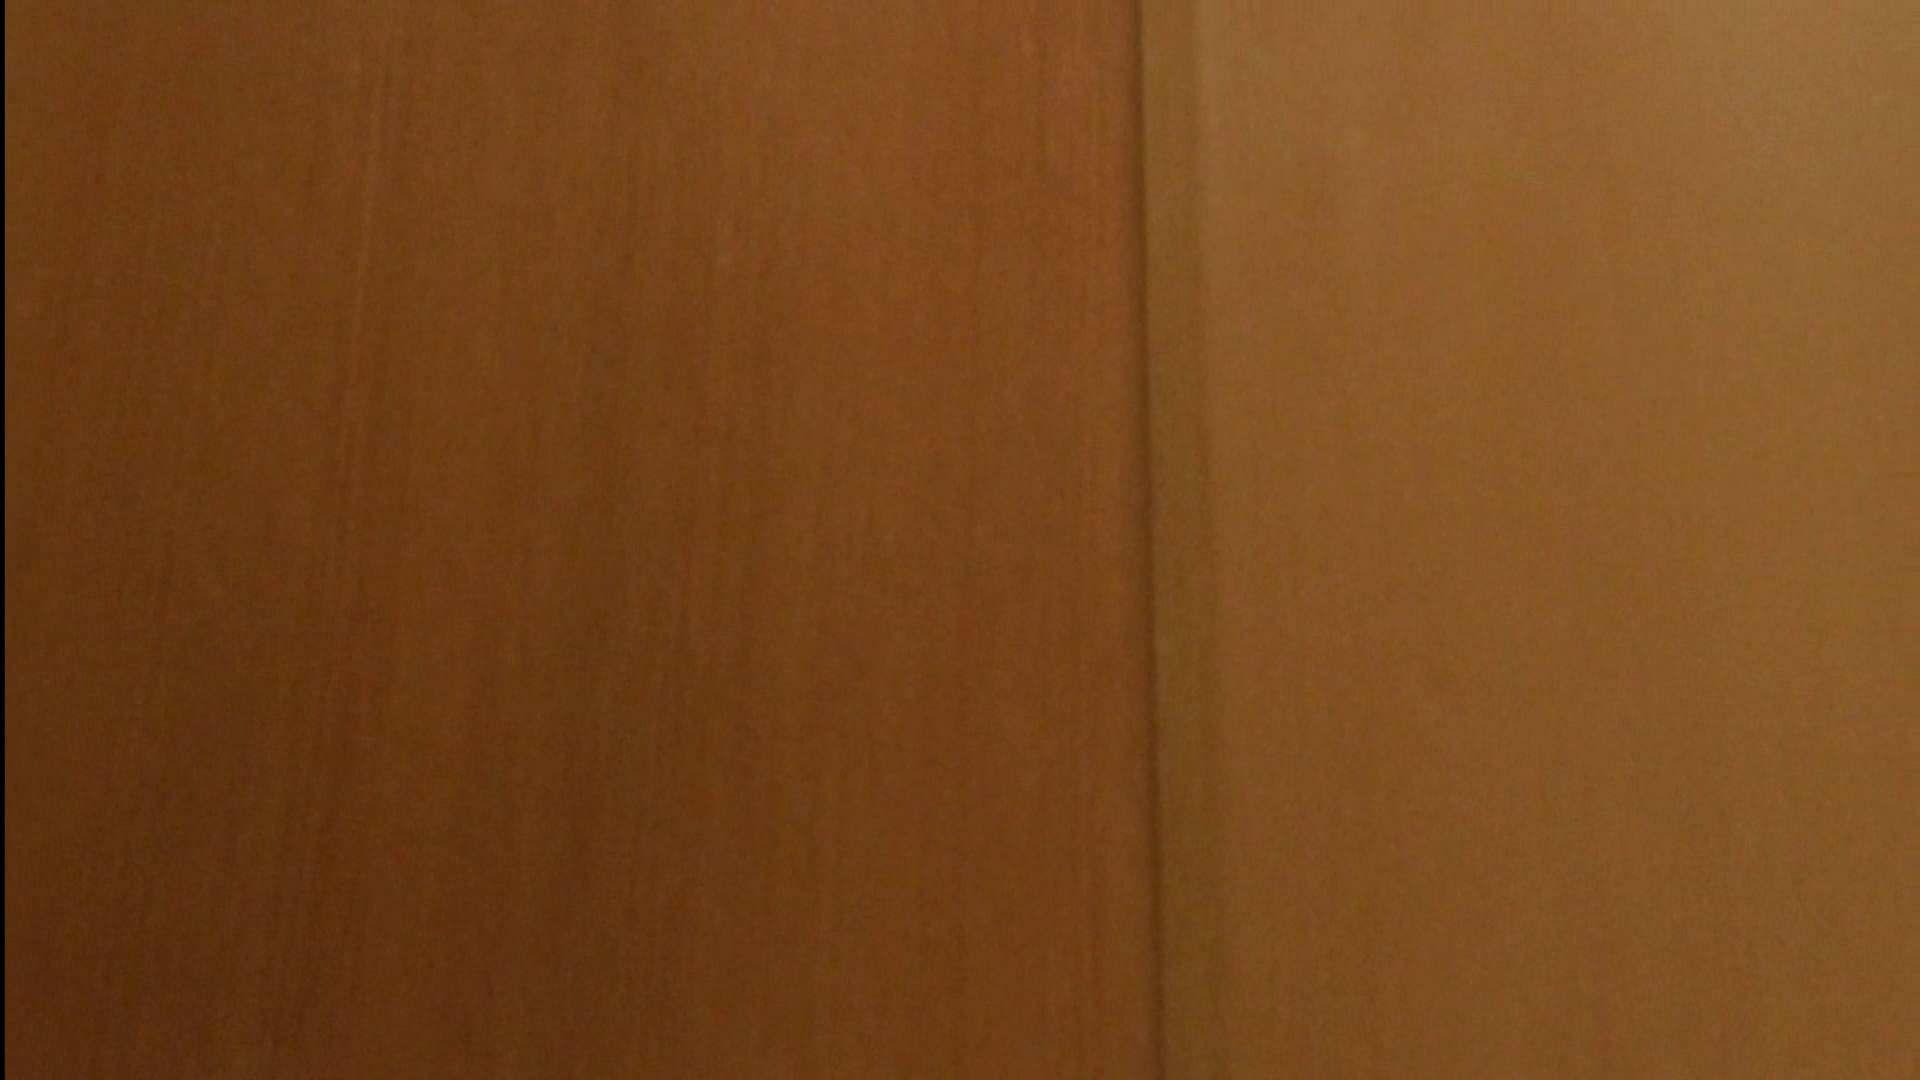 「噂」の国の厠観察日記2 Vol.04 厠・・・   人気シリーズ  96PIX 13